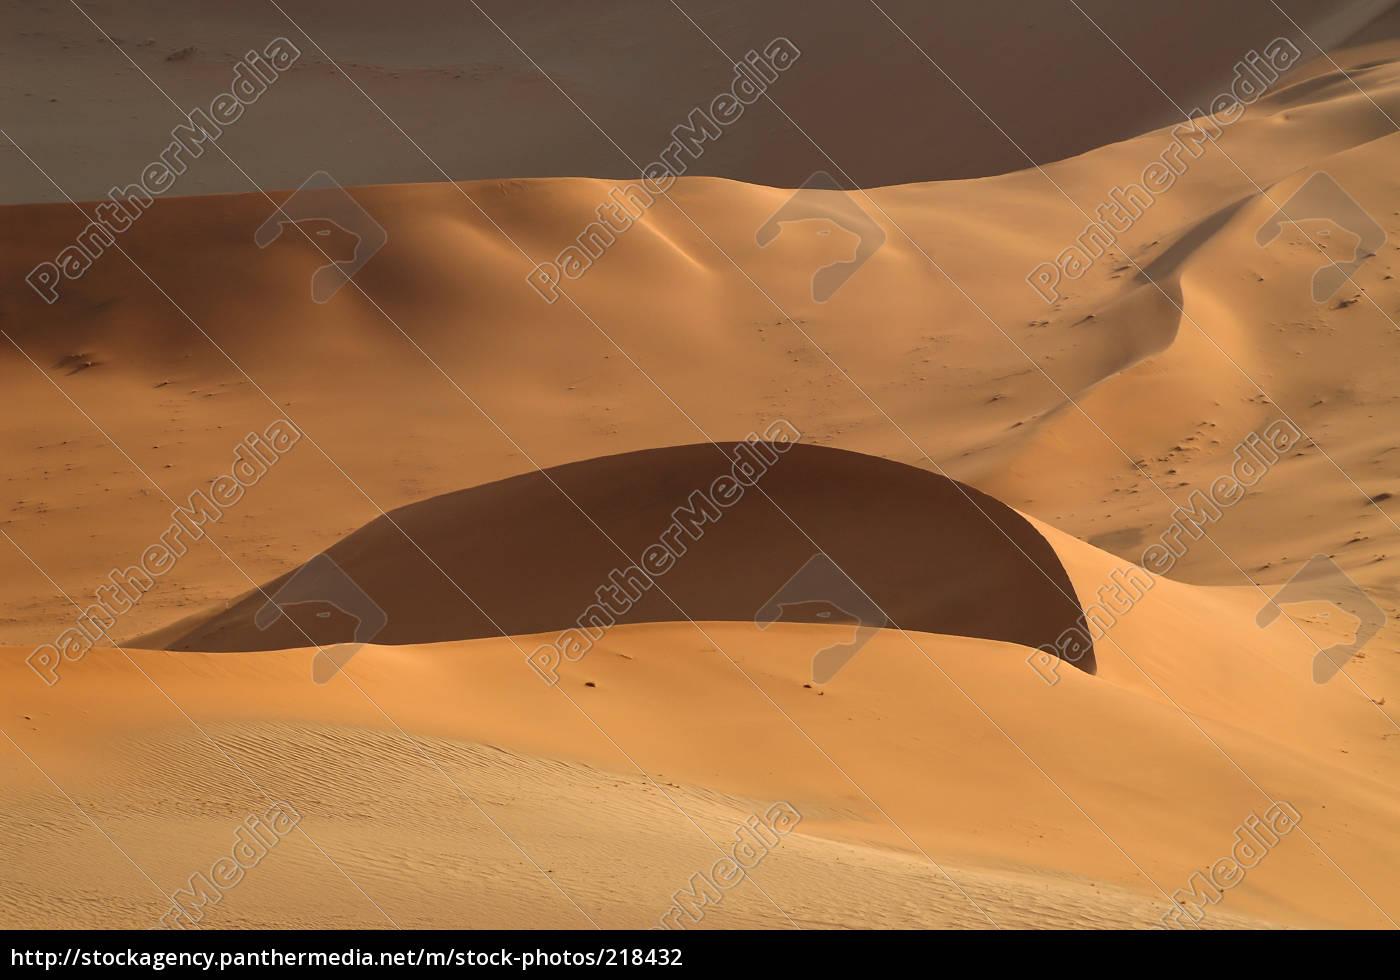 desert, moon - 218432